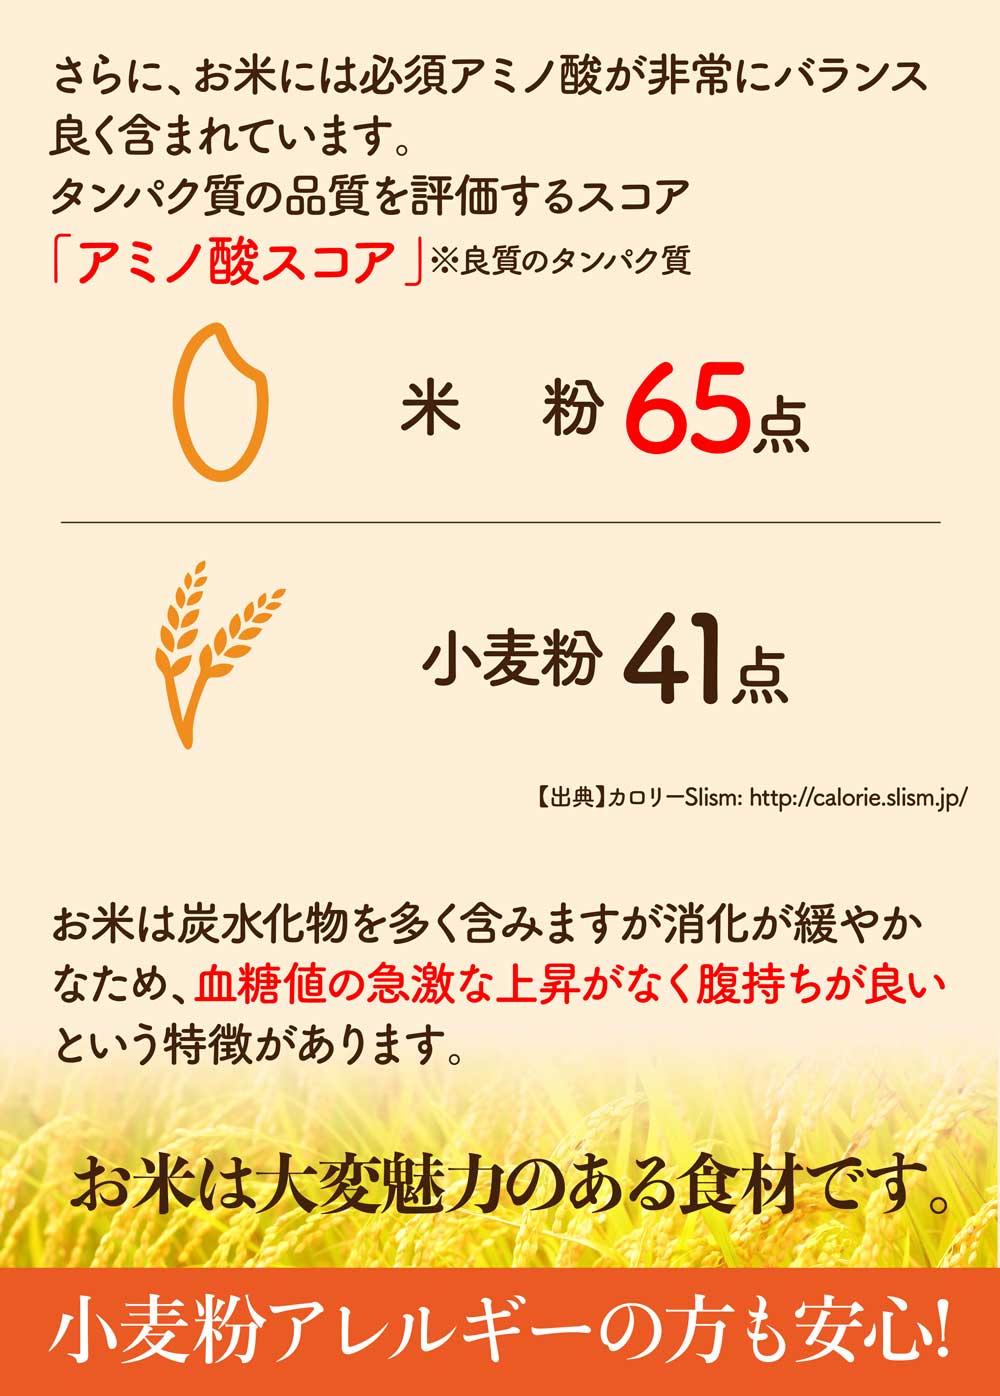 お米は大変魅力のある食材です